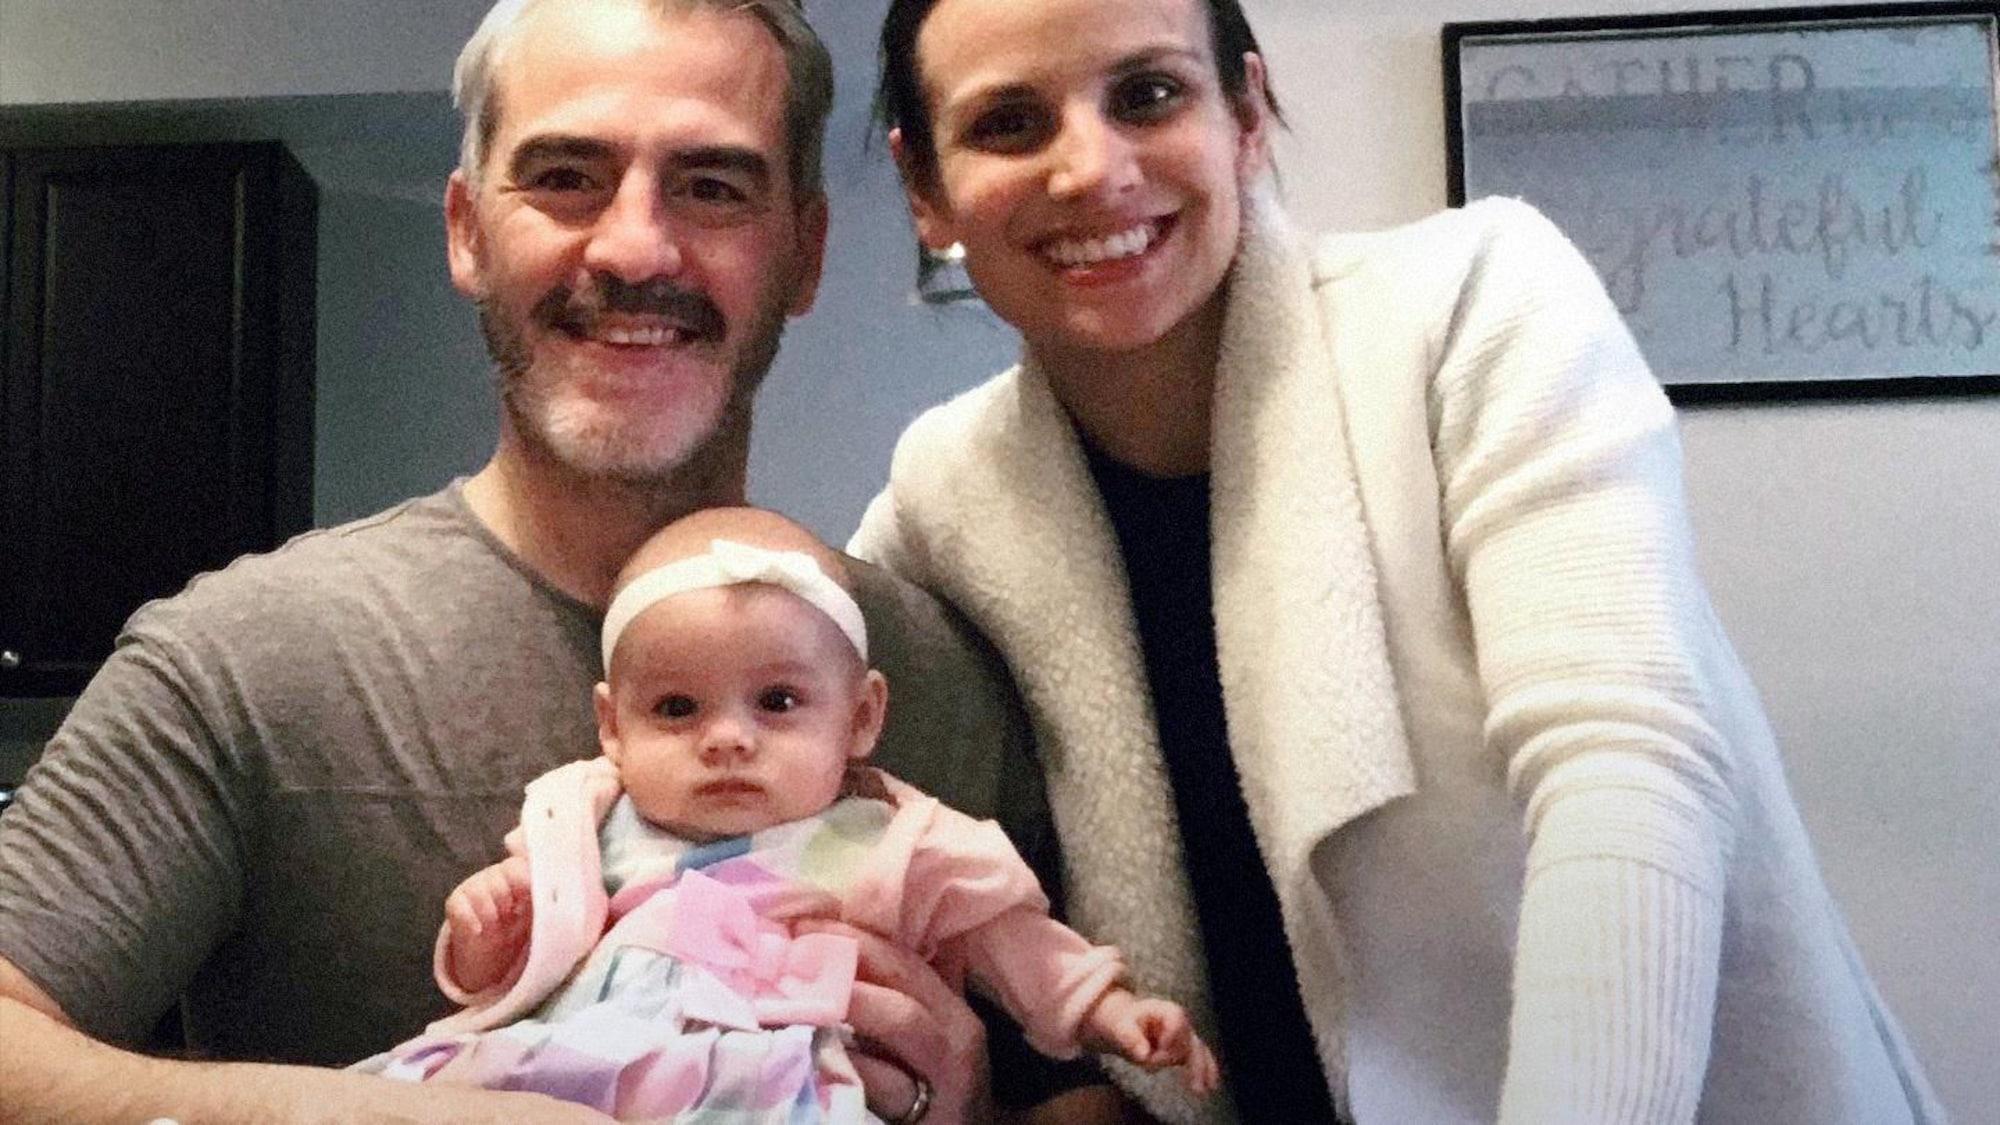 Bruno Marcotte et Meagan Duhamel regardent la caméra en tenant leur fille Zoey, qui est assise sur une table.